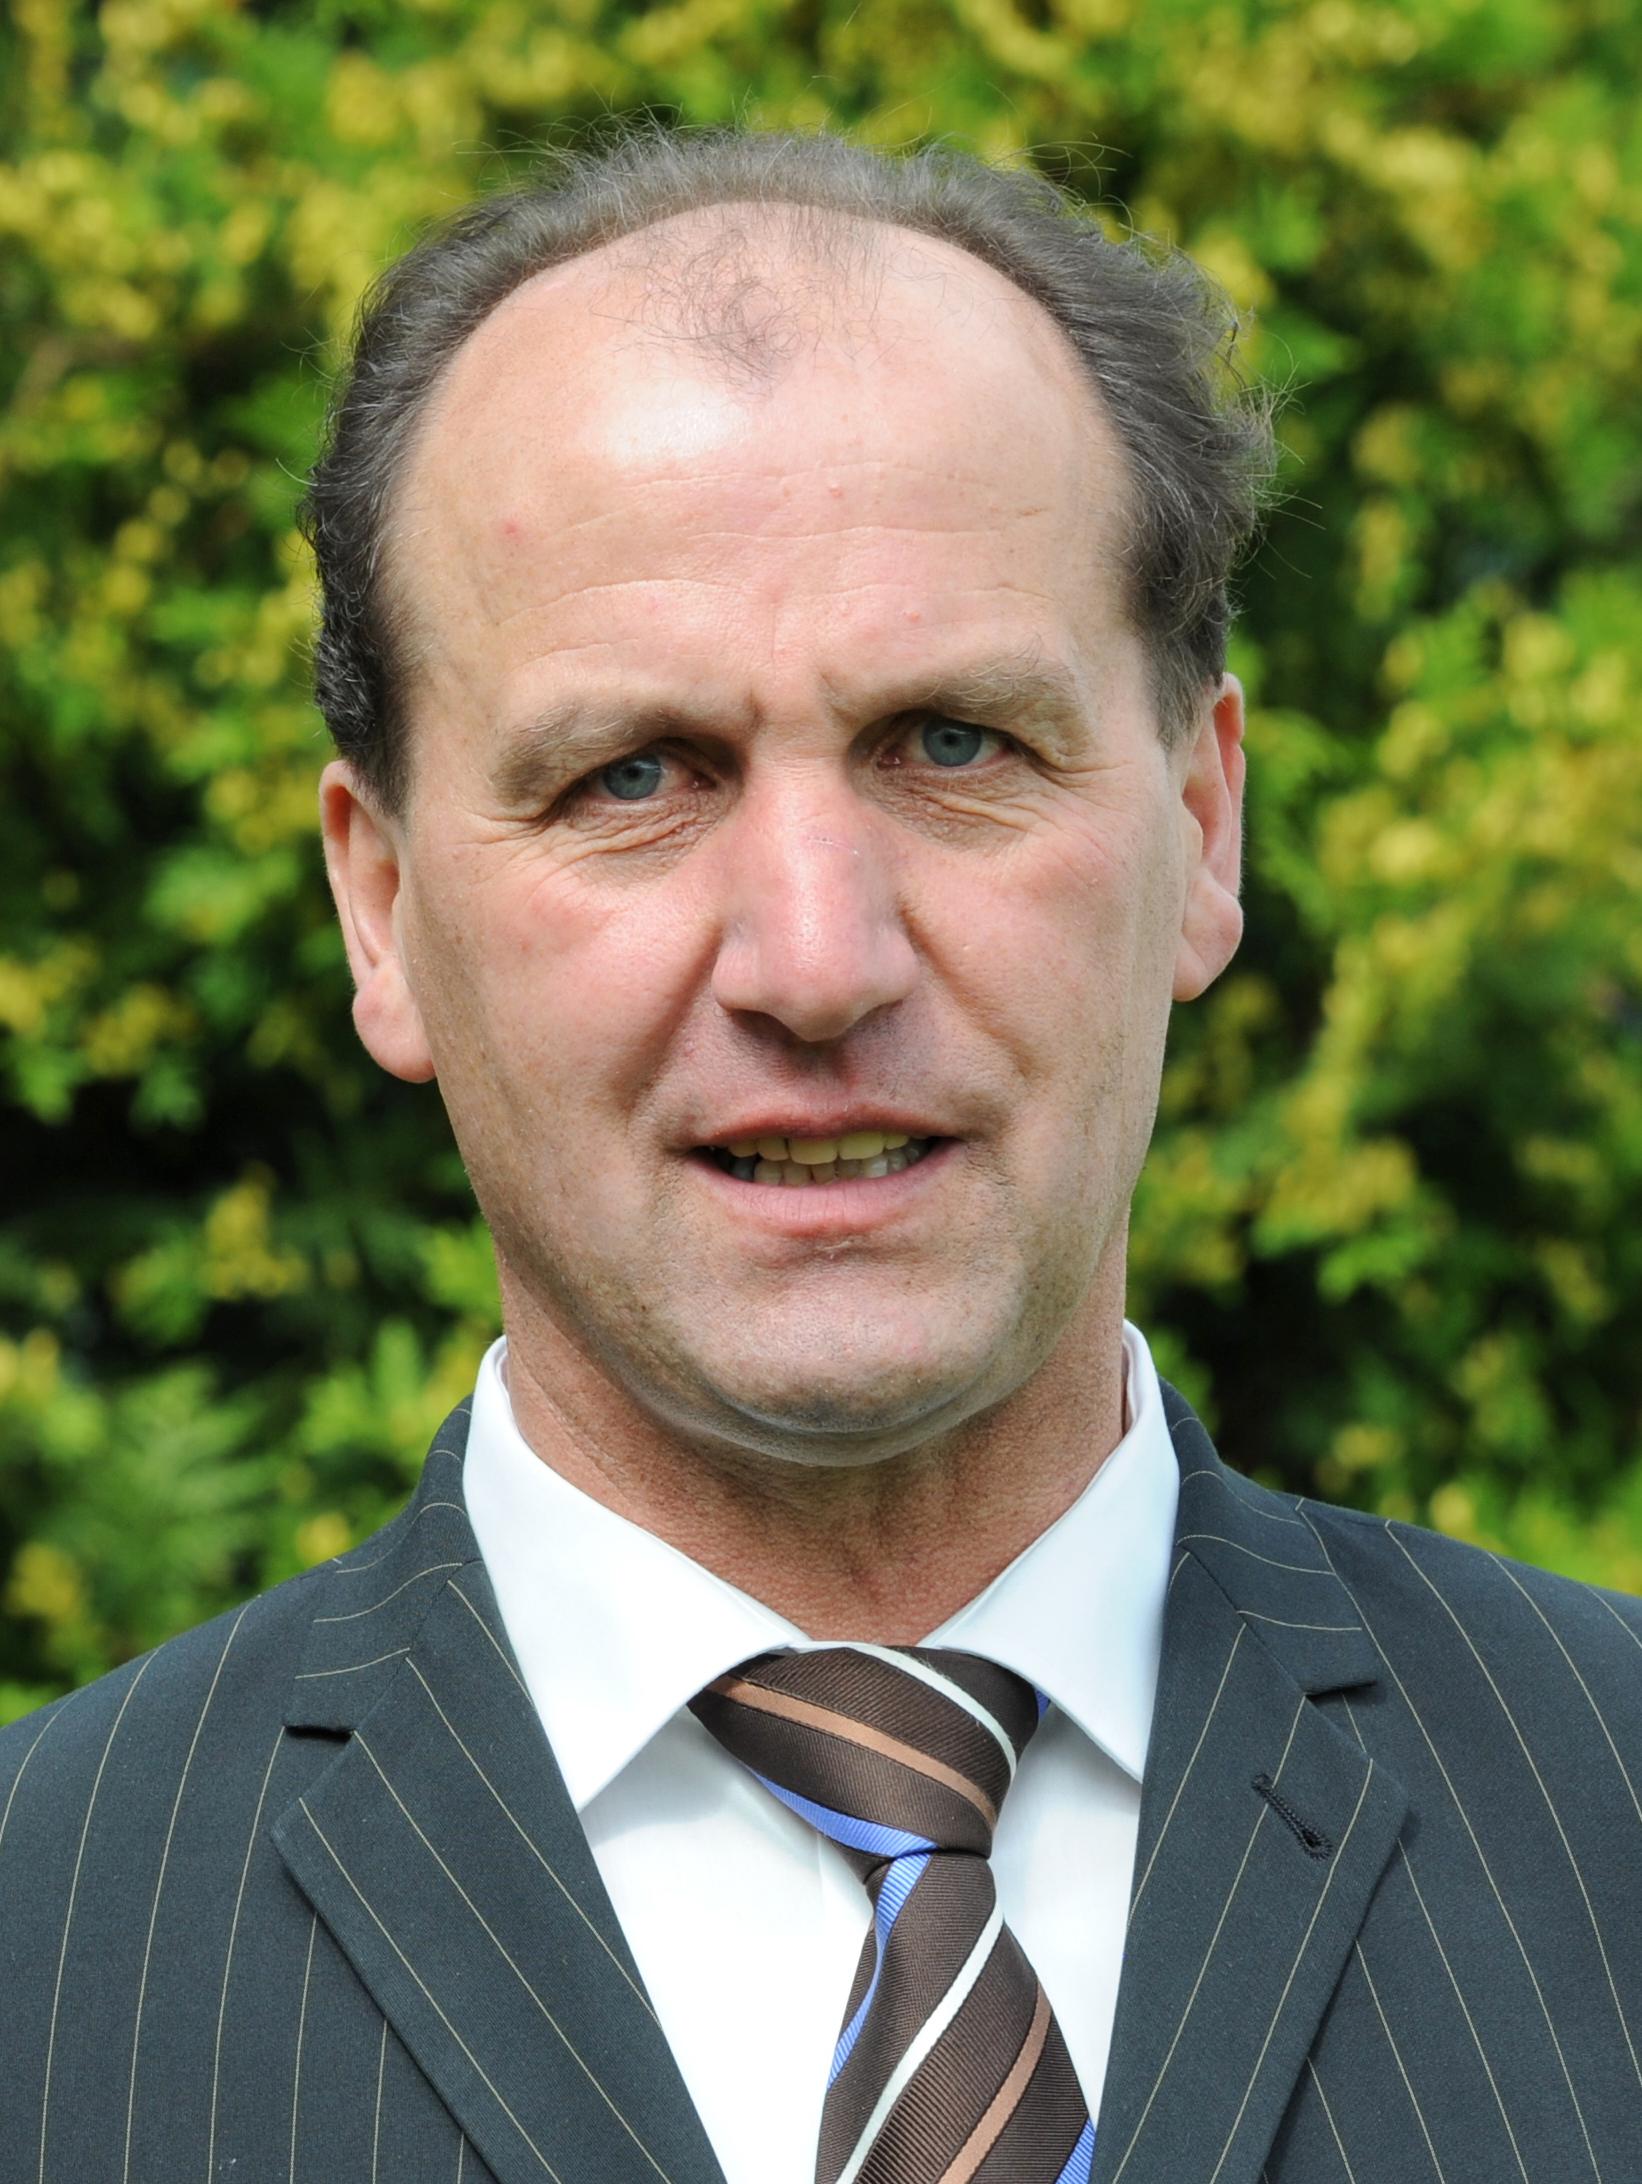 Nachruf: Arla Foods trauert um Aufsichtsratsmitglied Klaus Land